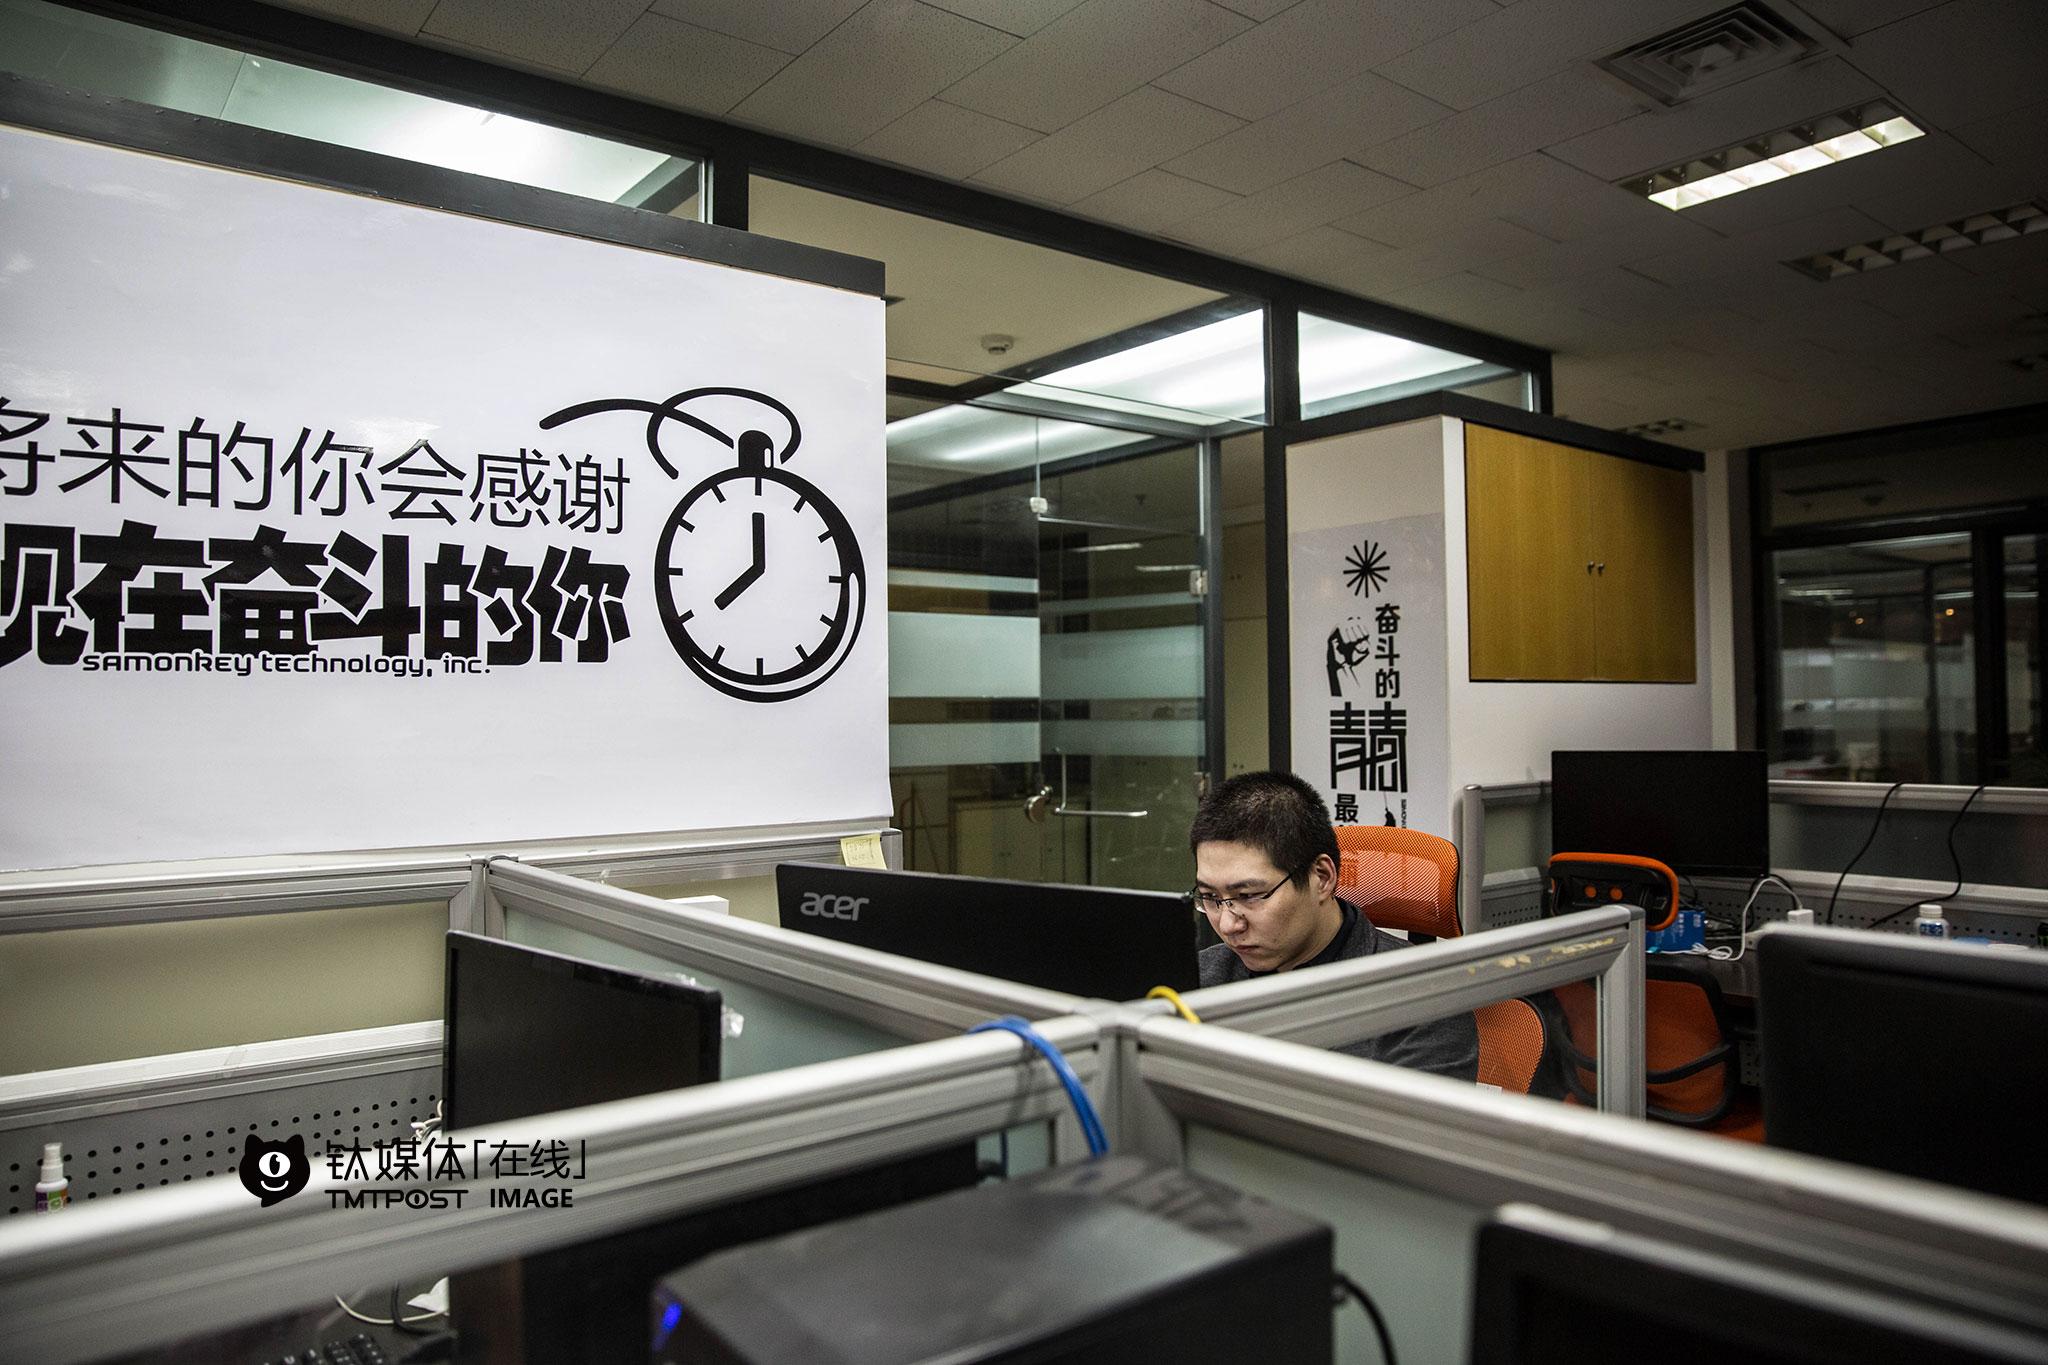 3月3日23:44,北京,VR团队三目猴科技联合创始人吴祥东在赶工准备急需提交给应用商店的APP专利文件。